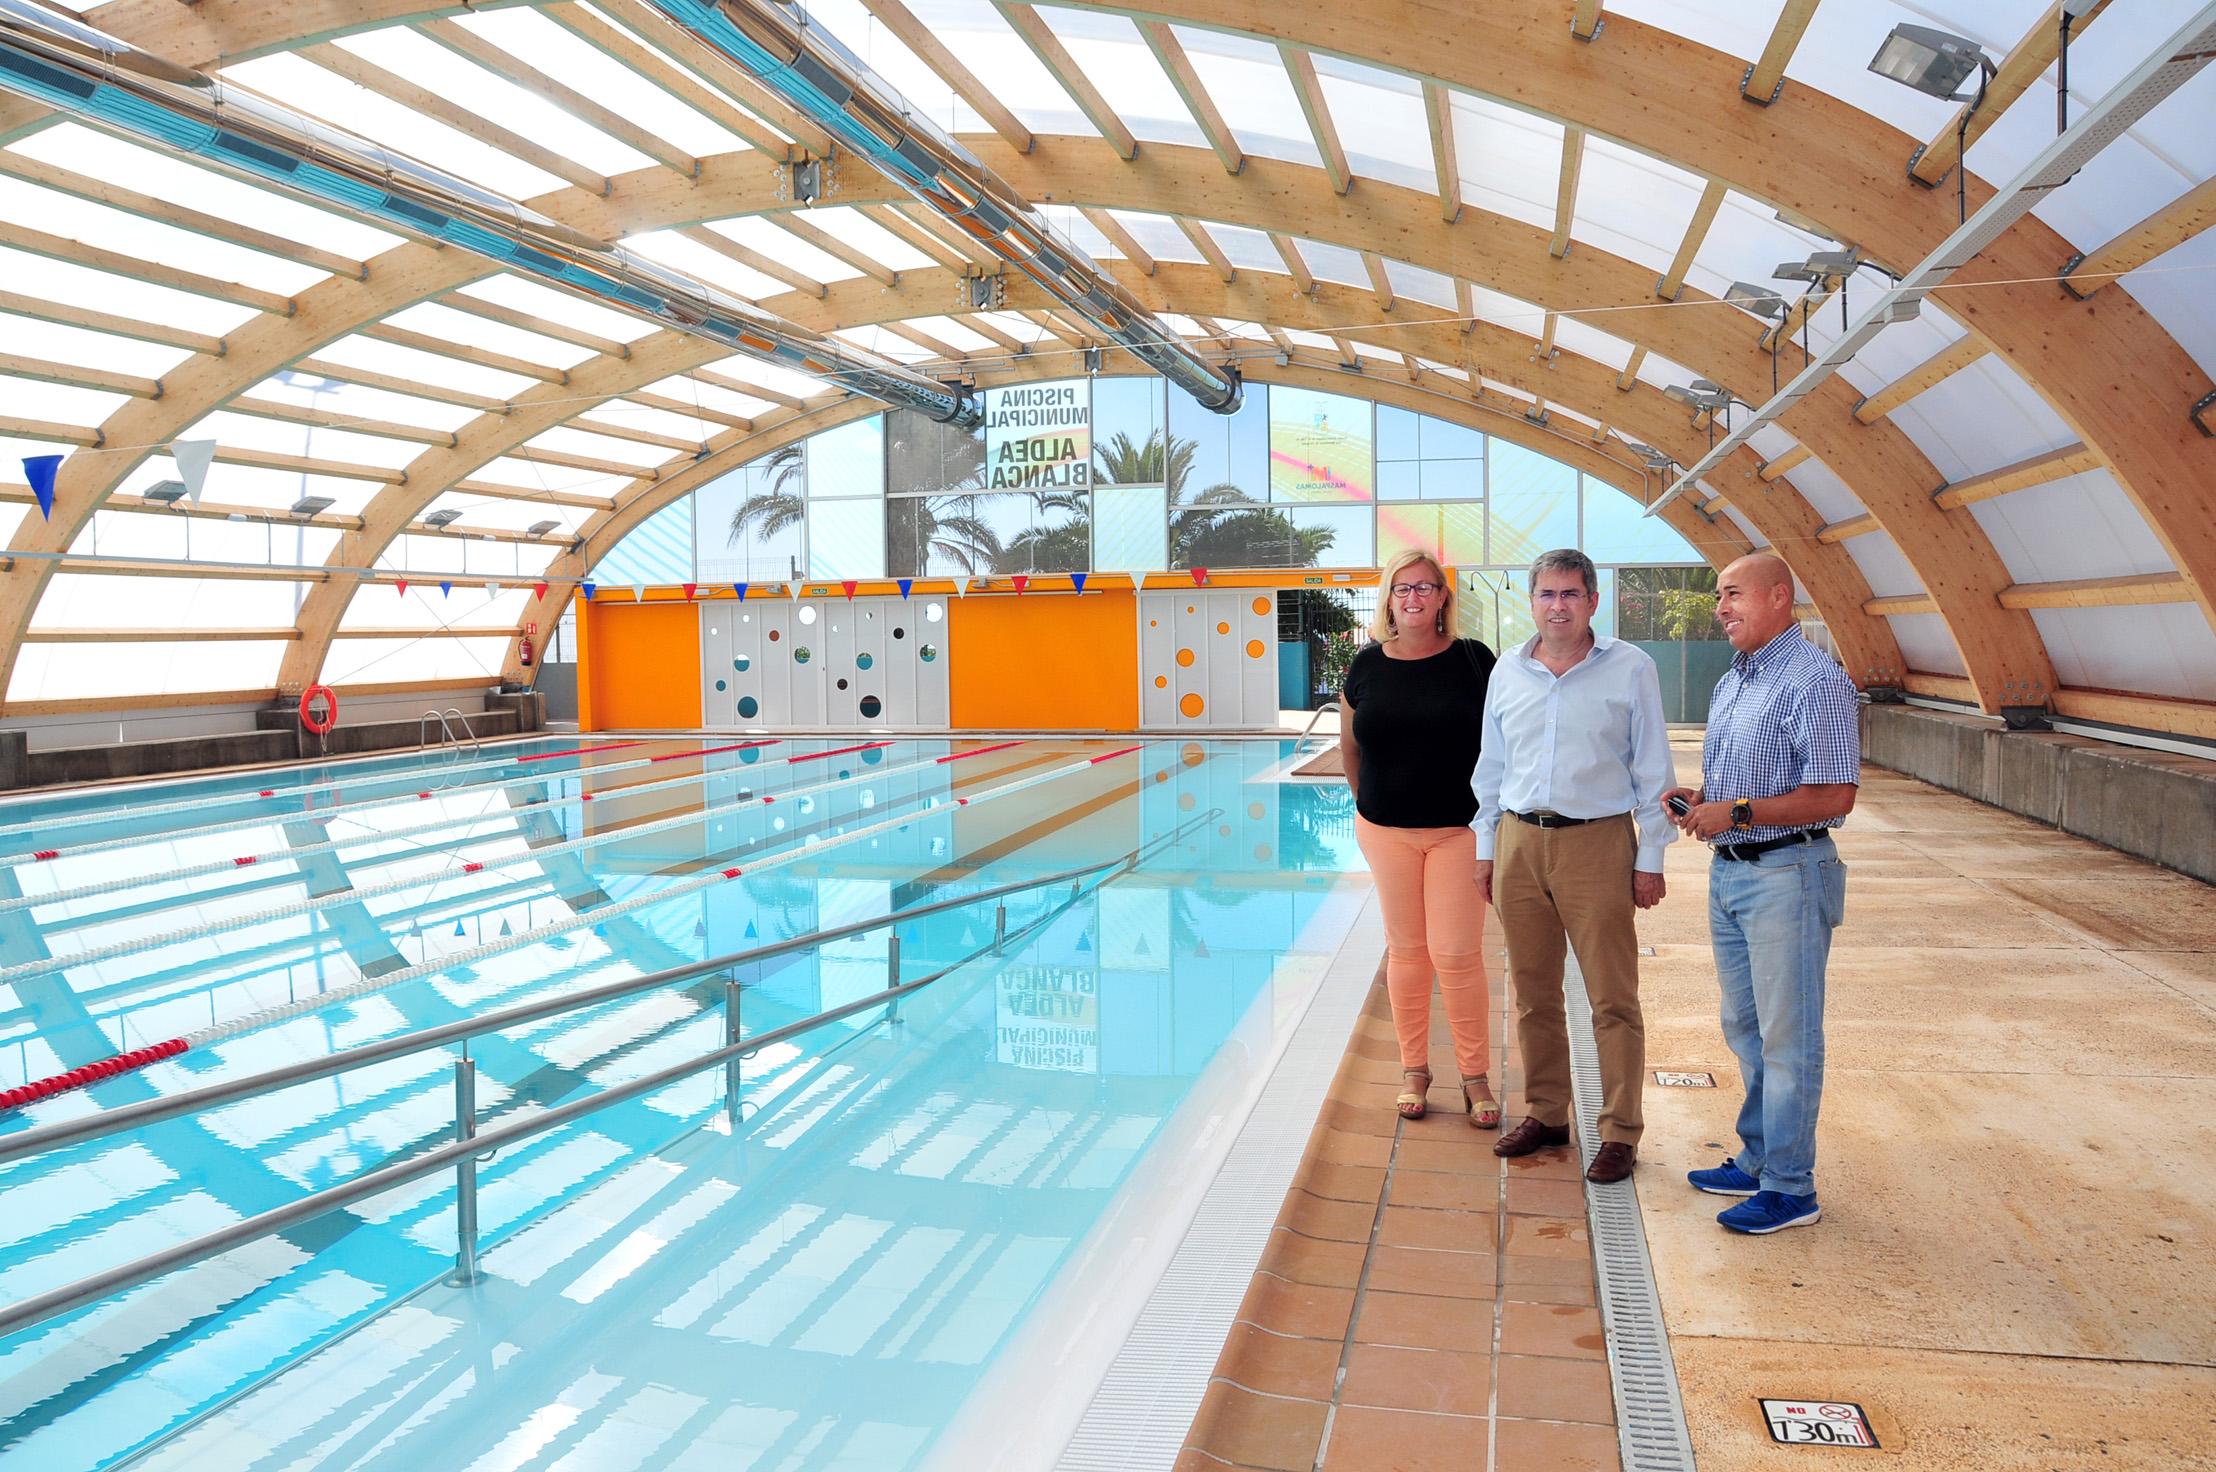 La piscina de aldea blanca est abierta al p blico tras for Piscina municipal fuenlabrada 2017